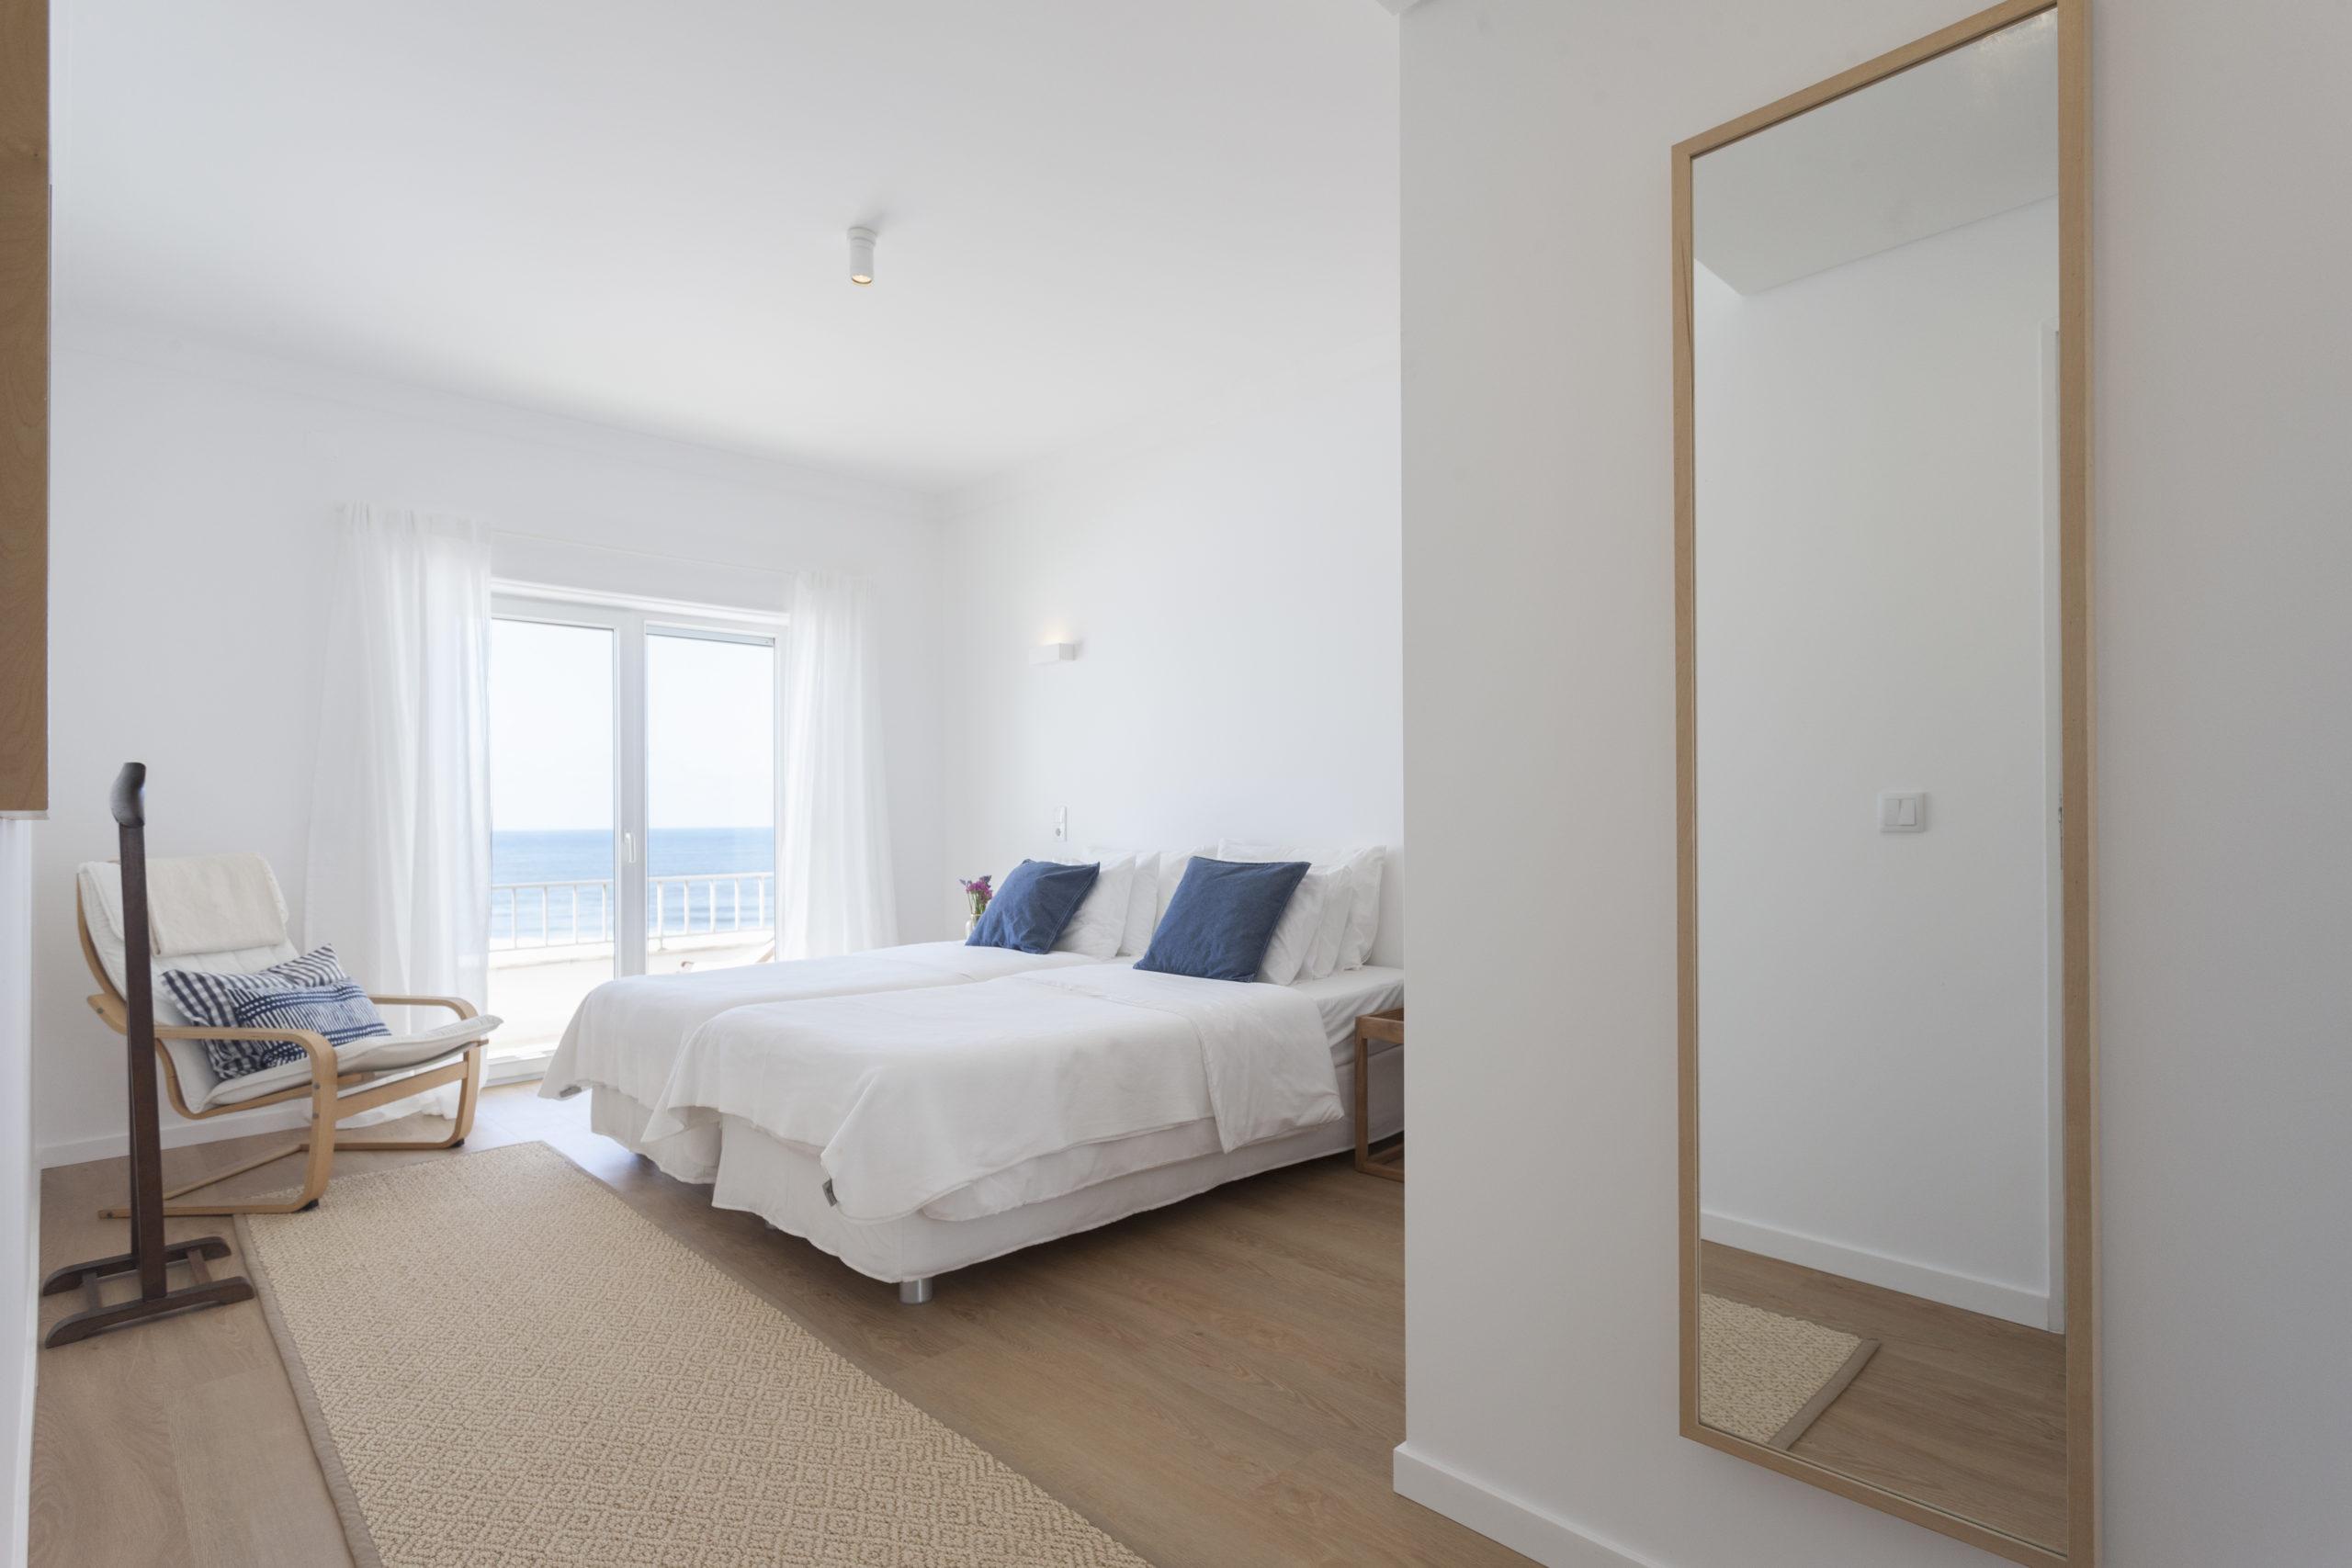 Beach House Room 4 7